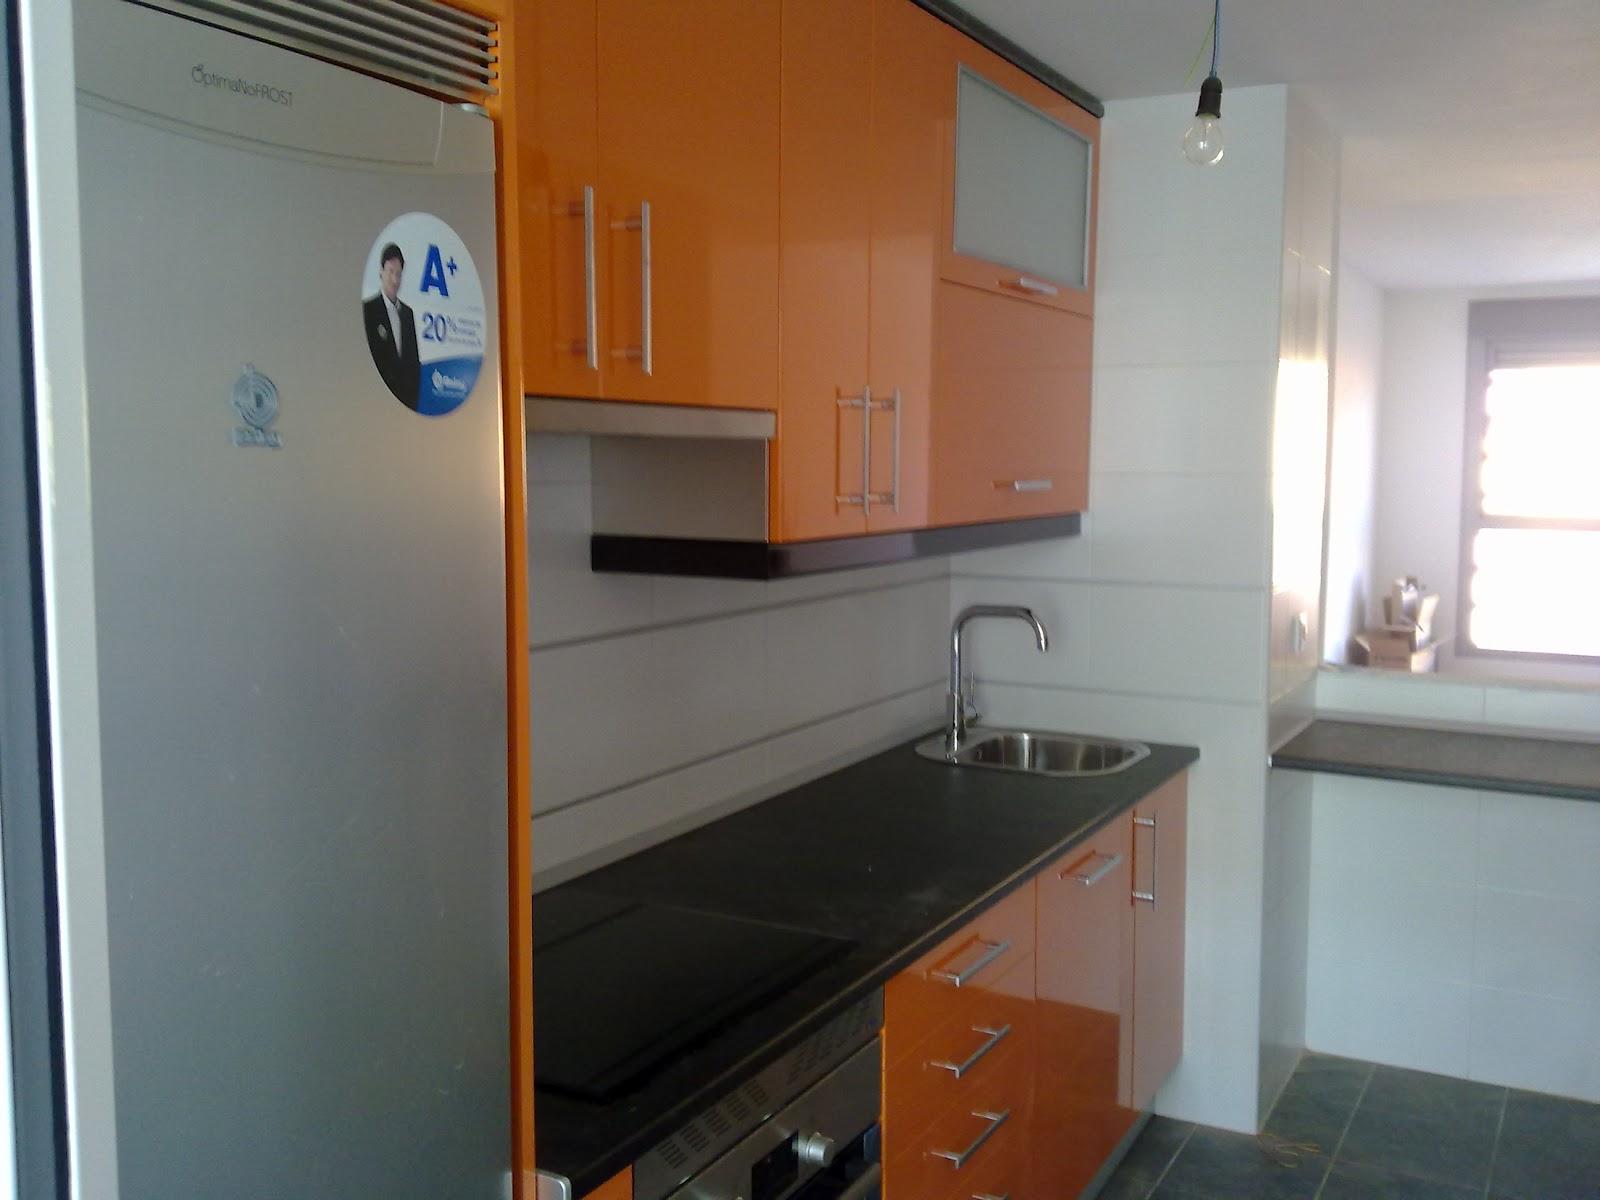 laminado alto brillo naranja remates y encimera negro On remates encimeras cocinas